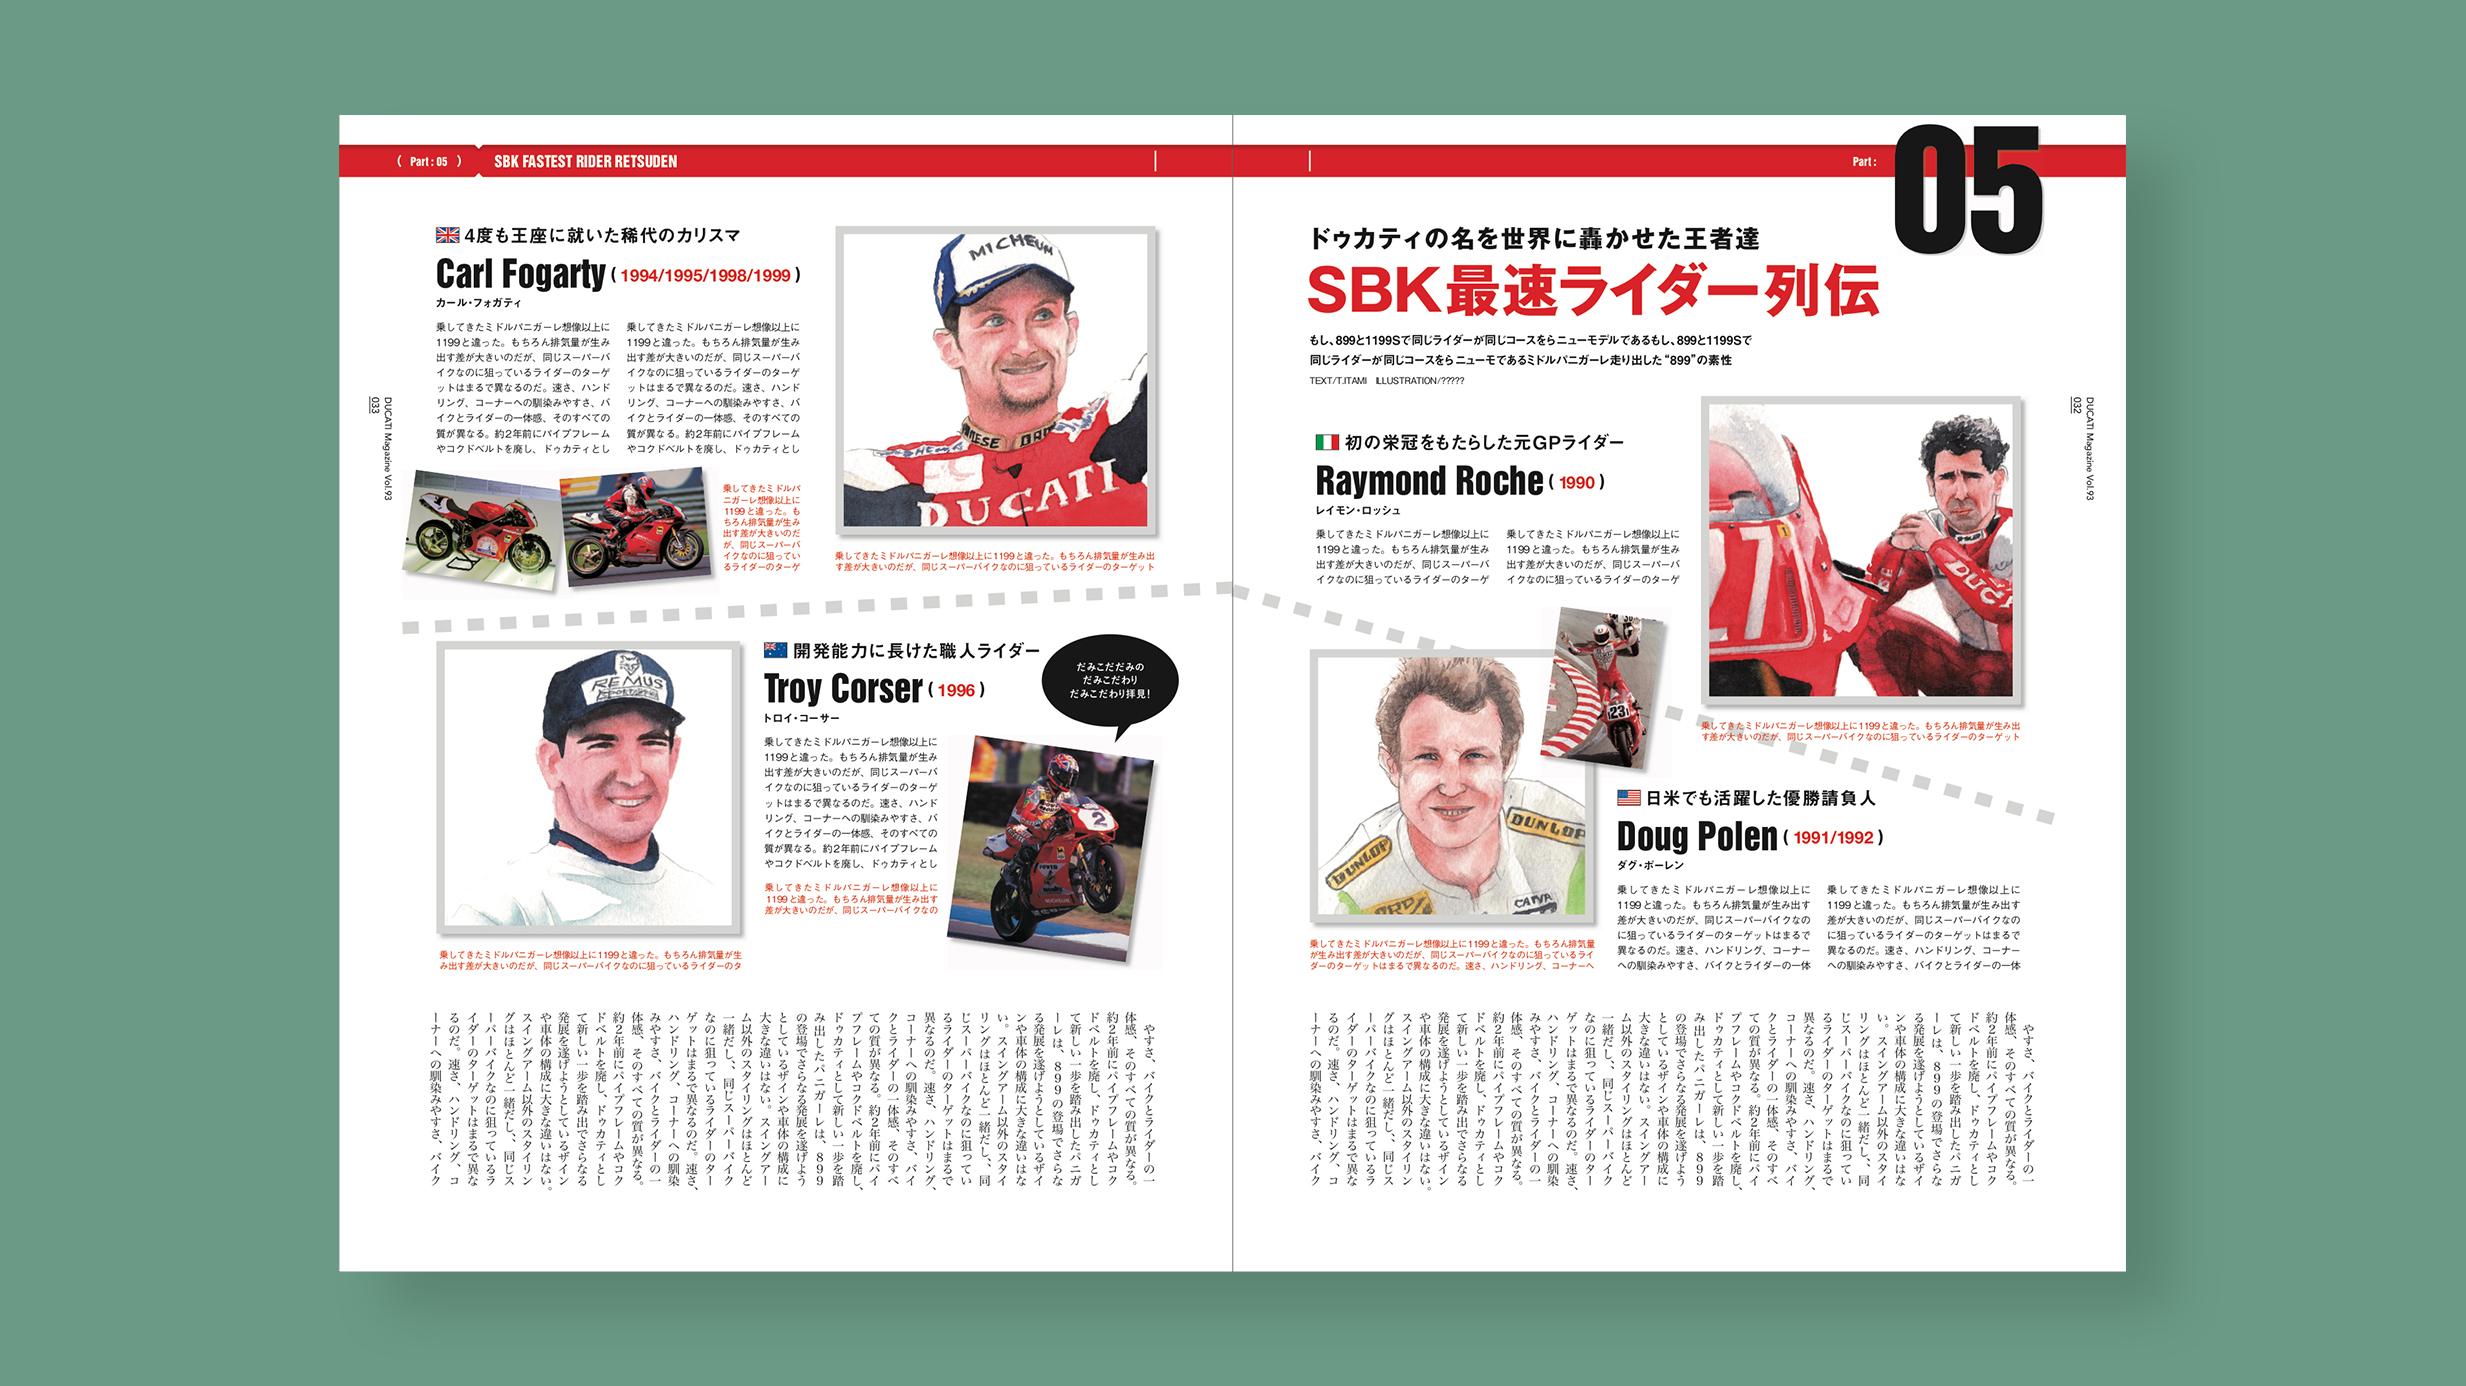 雑誌 DUCATI Magazine(ドゥカティマガジン)11月号 ドゥカティ歴代ライダーイラストカット